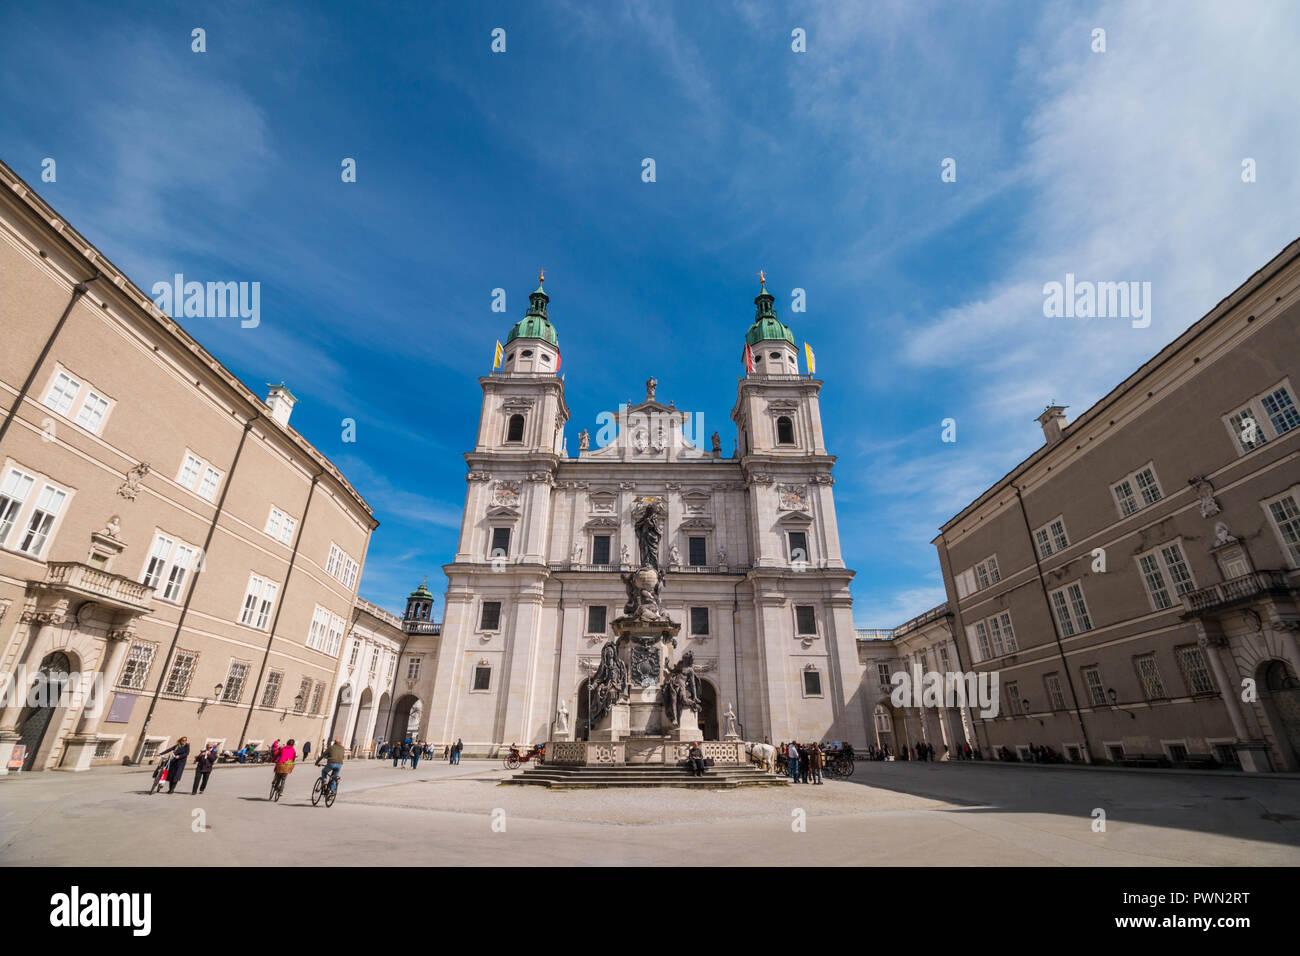 Salzburg, Österreich - April 6, 2018: barock aus dem 17. Jahrhundert (Salzburger Dom Salzburger Dom) und Marian Spalte (die Unbefleckte Maria Spalte) auf dem Domplatz Stockbild